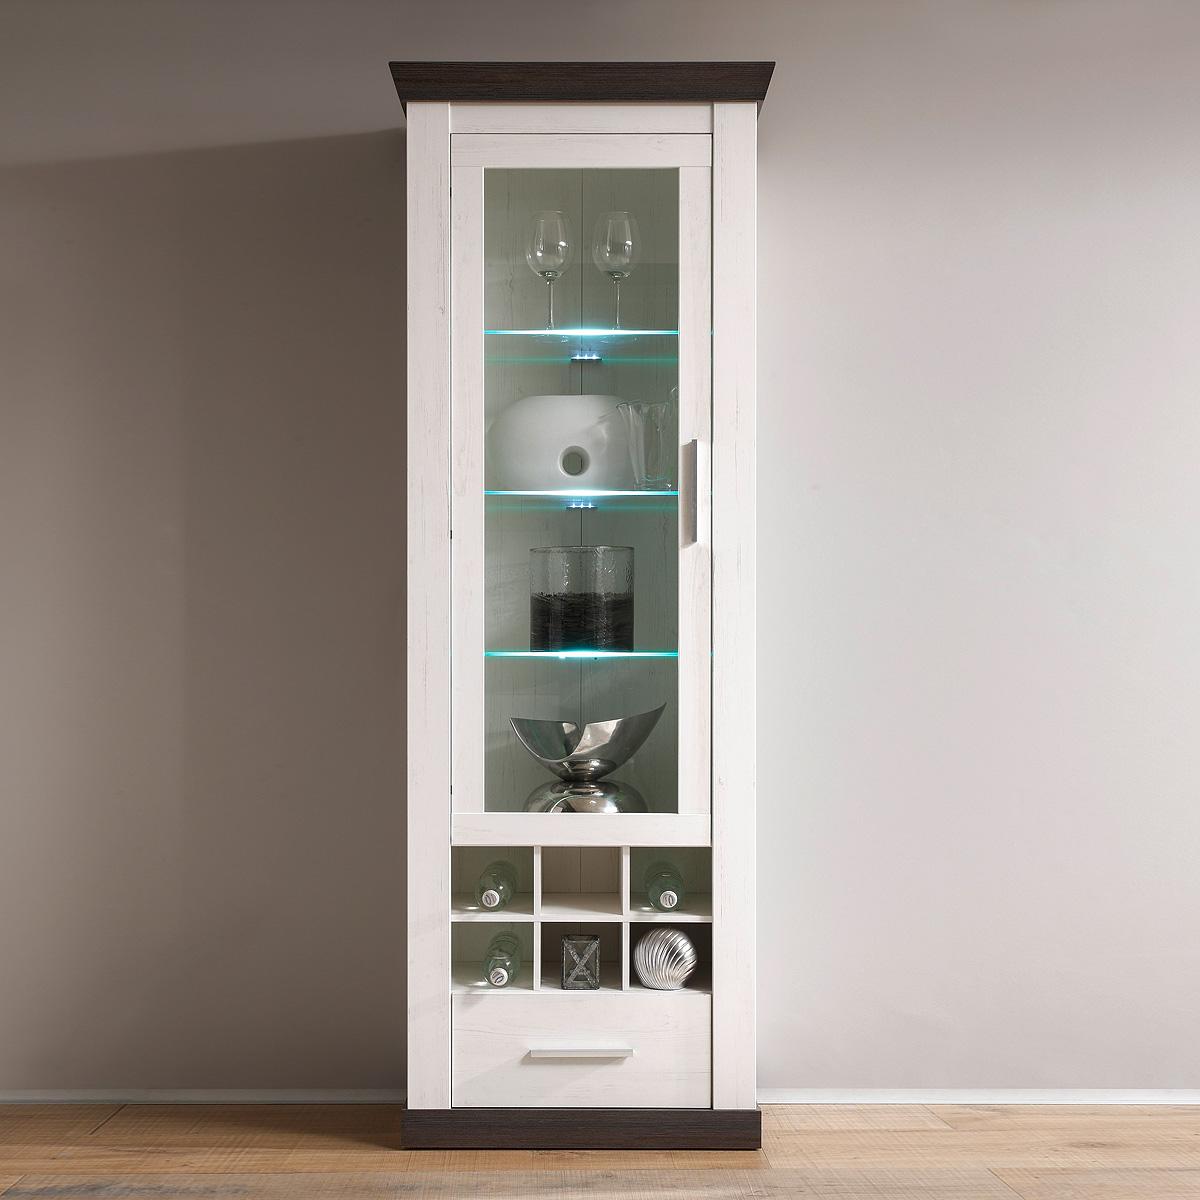 vitrine tiena wohnzimmerschrank schrank in pinie wei und wenge haptik inkl led ebay. Black Bedroom Furniture Sets. Home Design Ideas